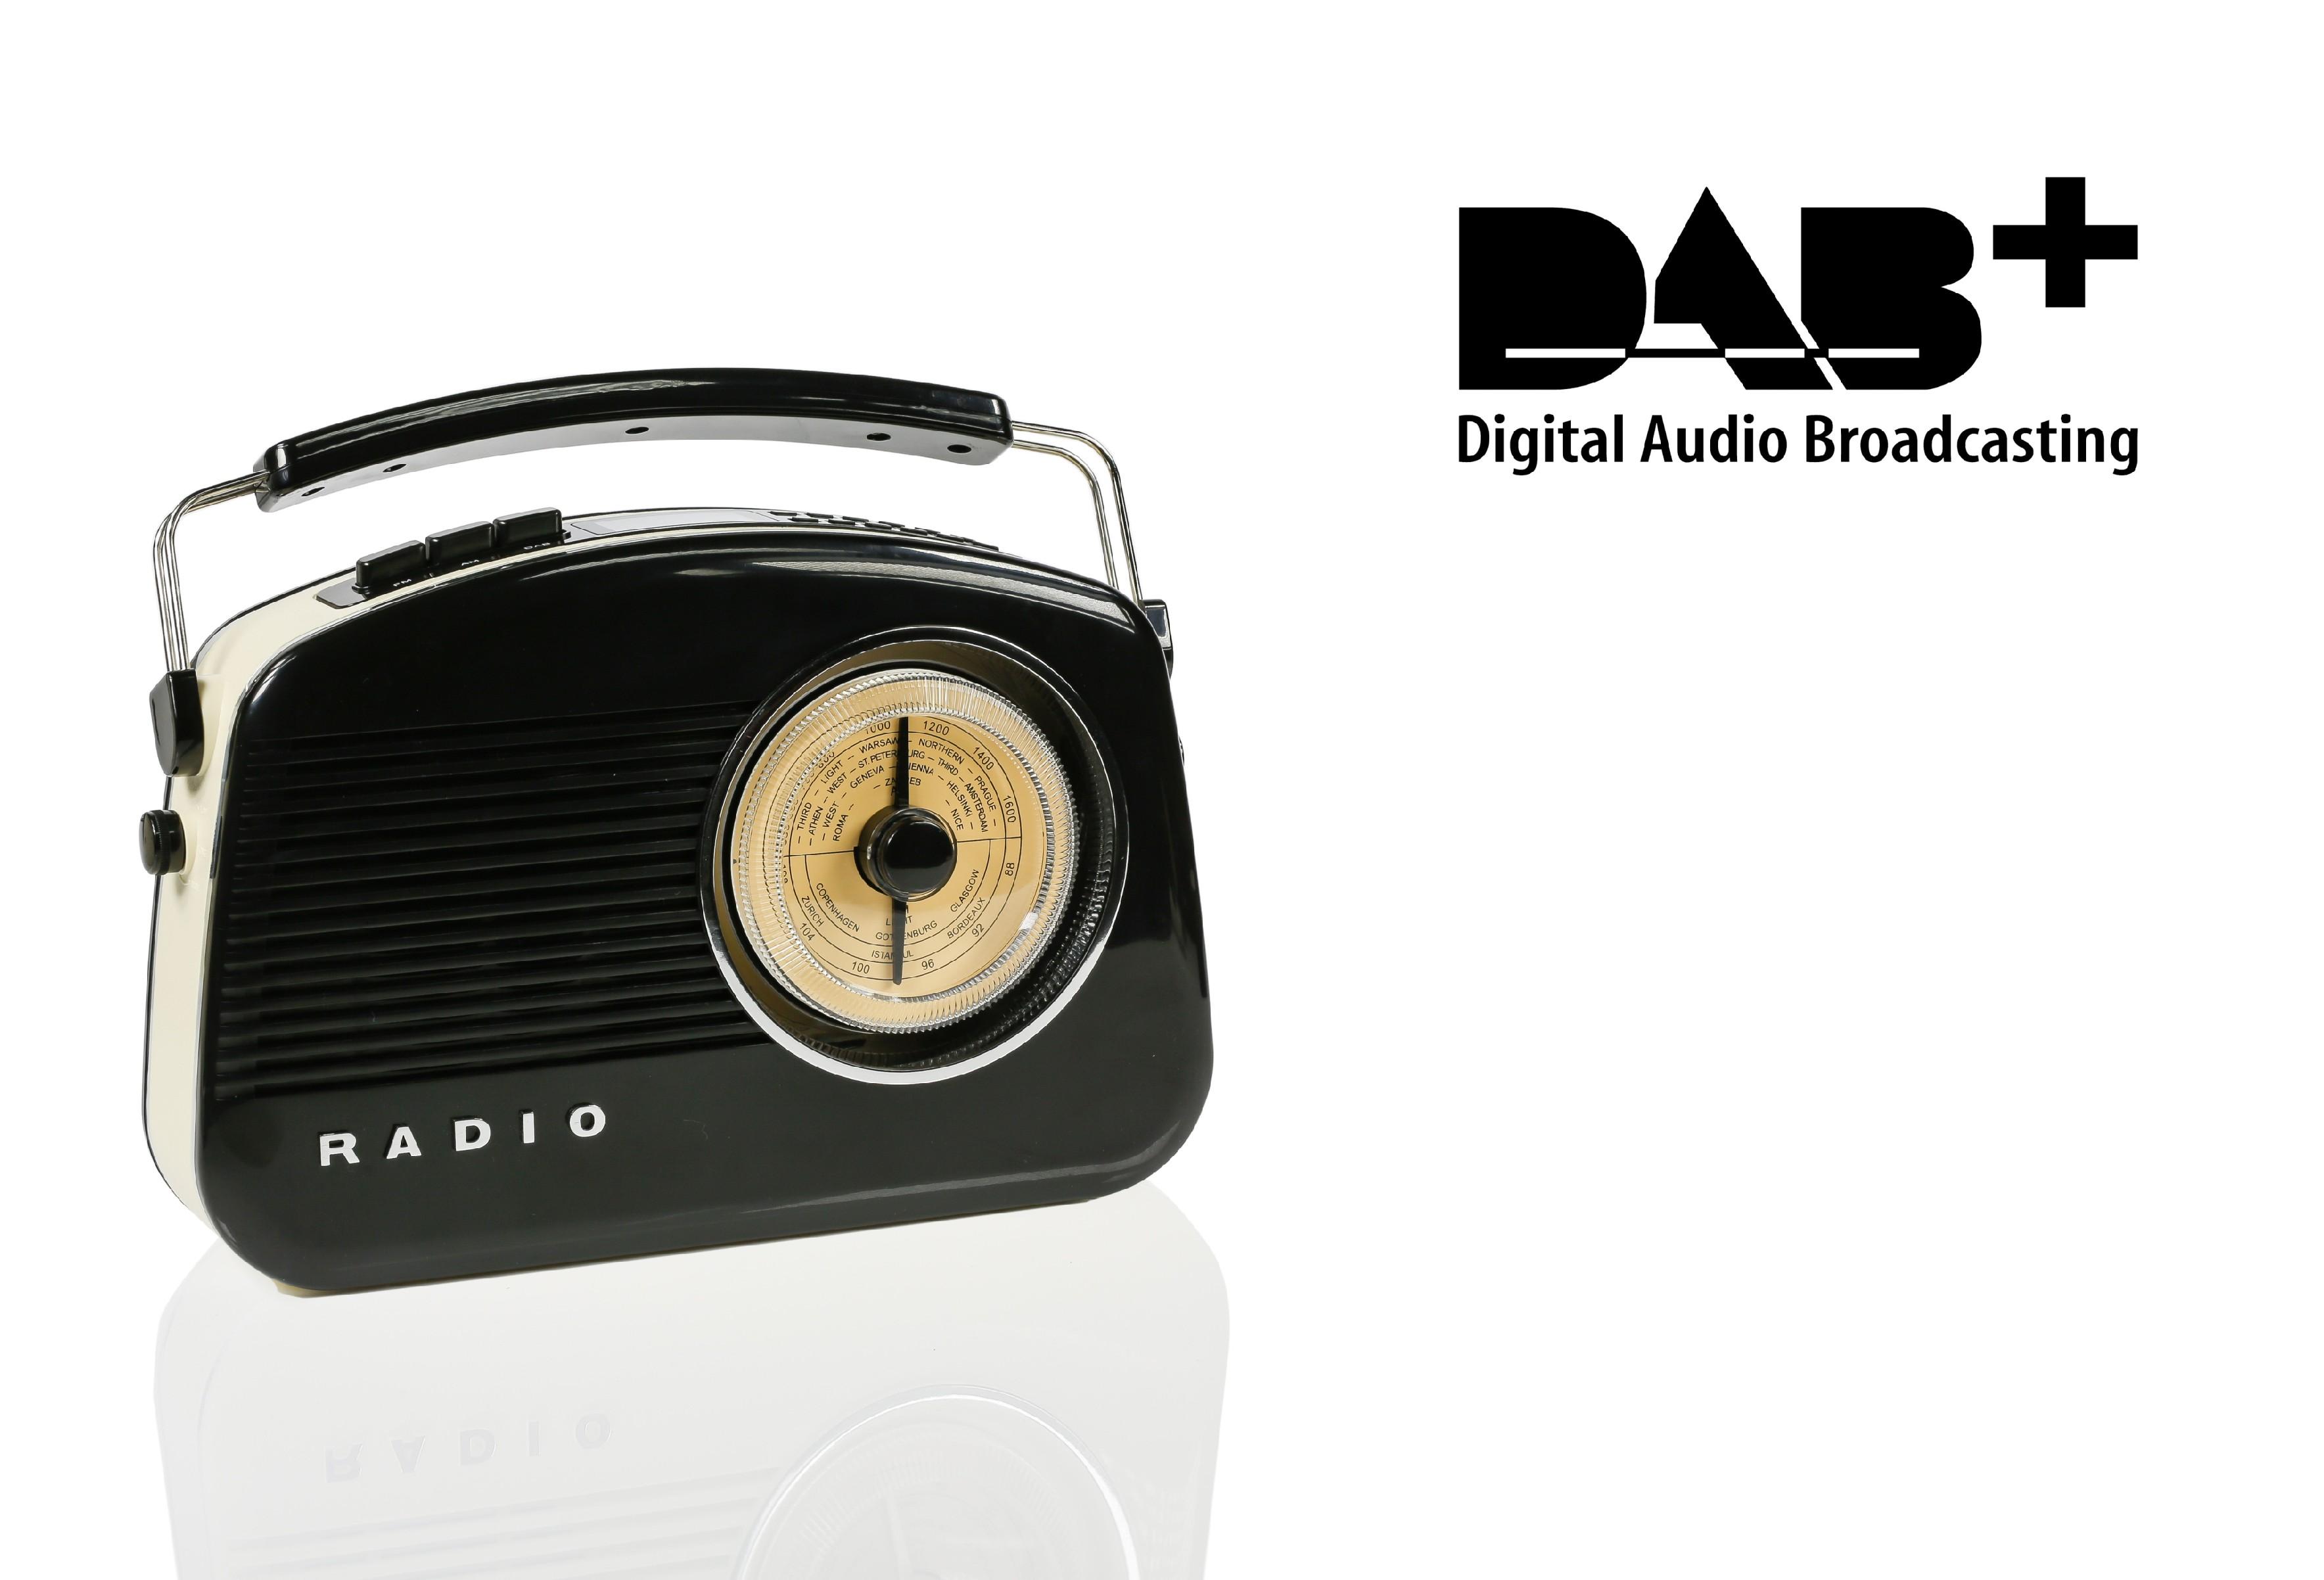 König retro radiopřijímač DAB+ / FM / AM / AUX